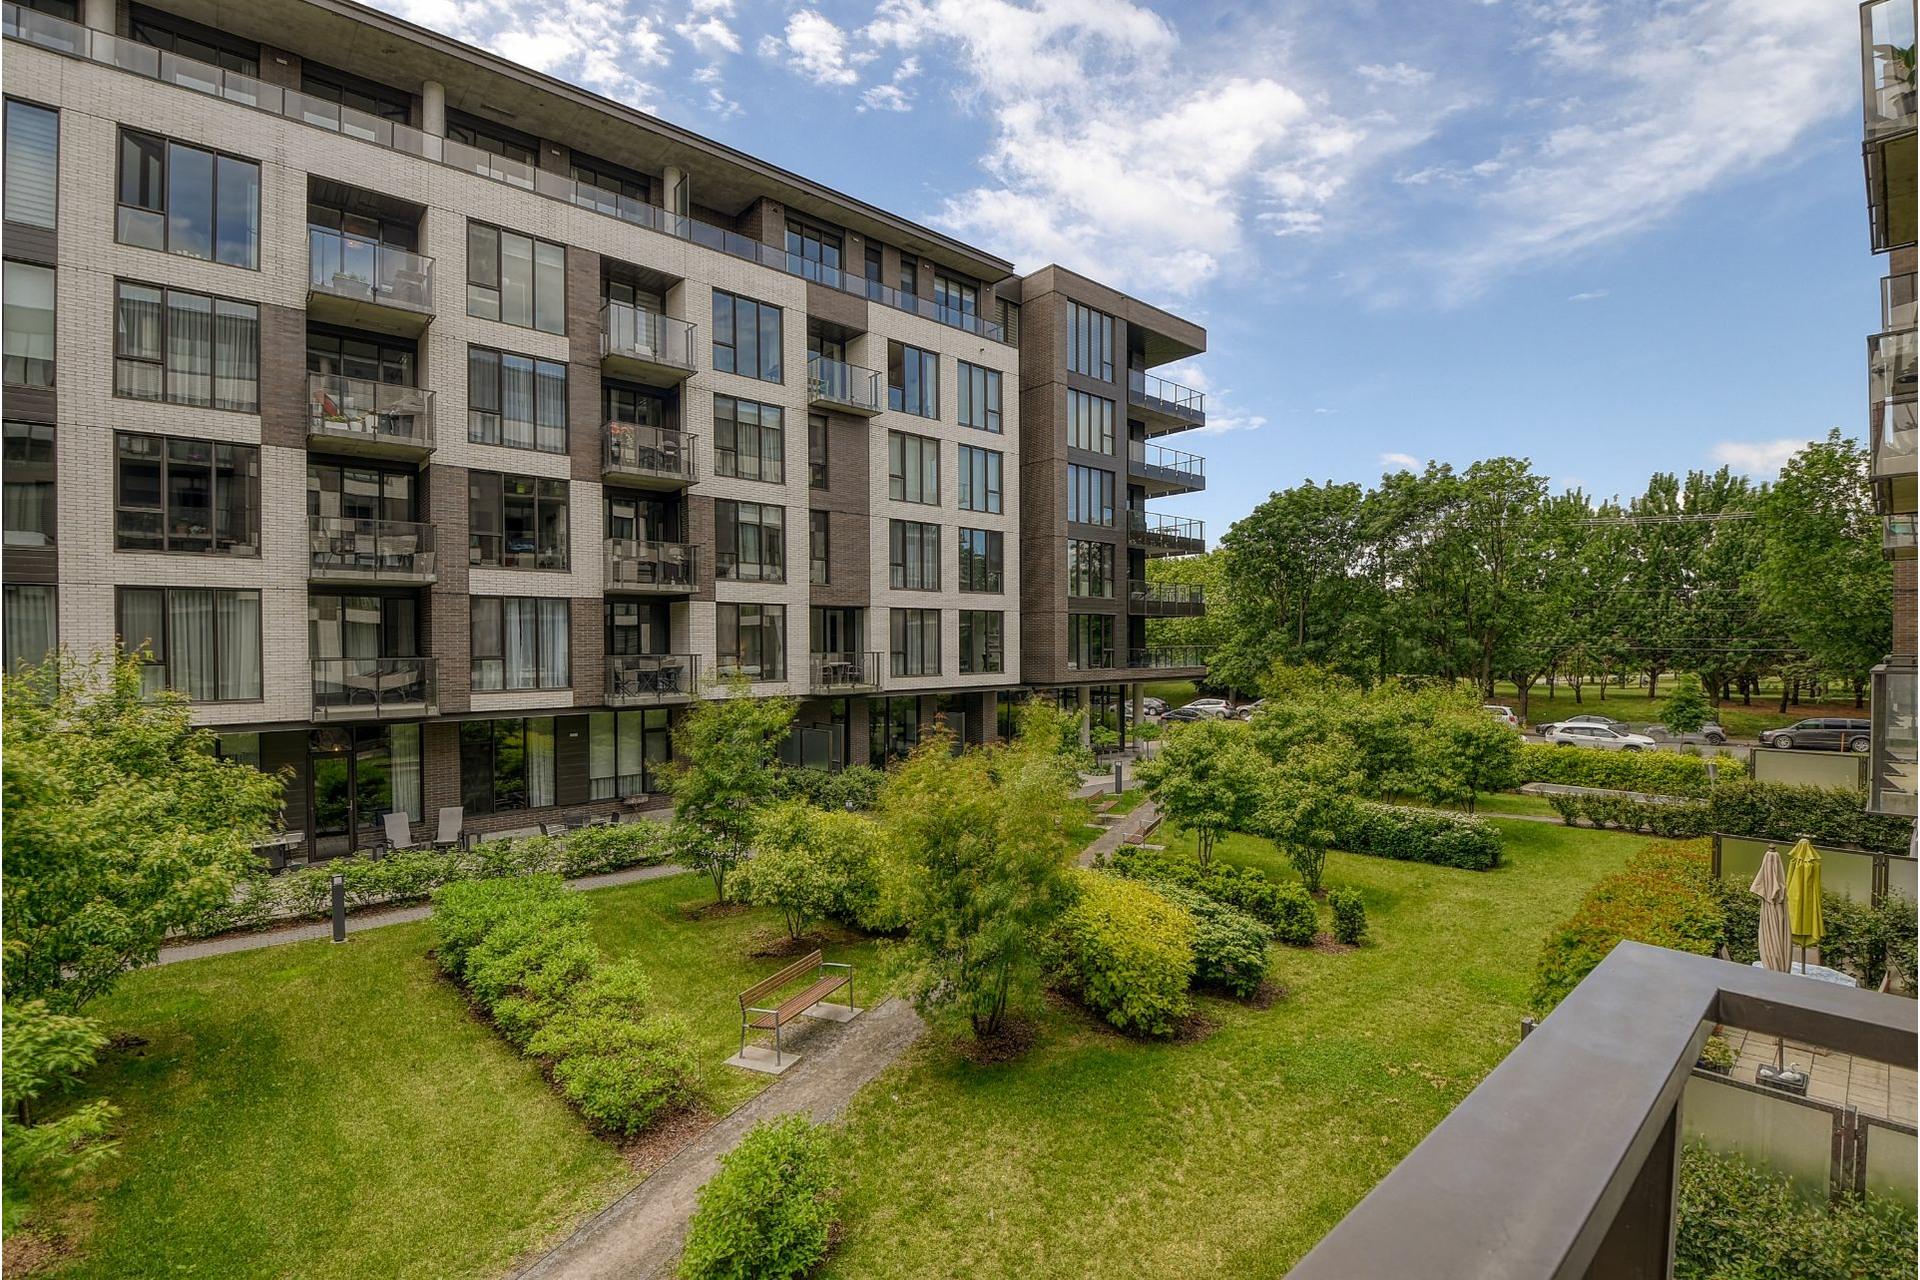 image 22 - Appartement À vendre Villeray/Saint-Michel/Parc-Extension Montréal  - 5 pièces